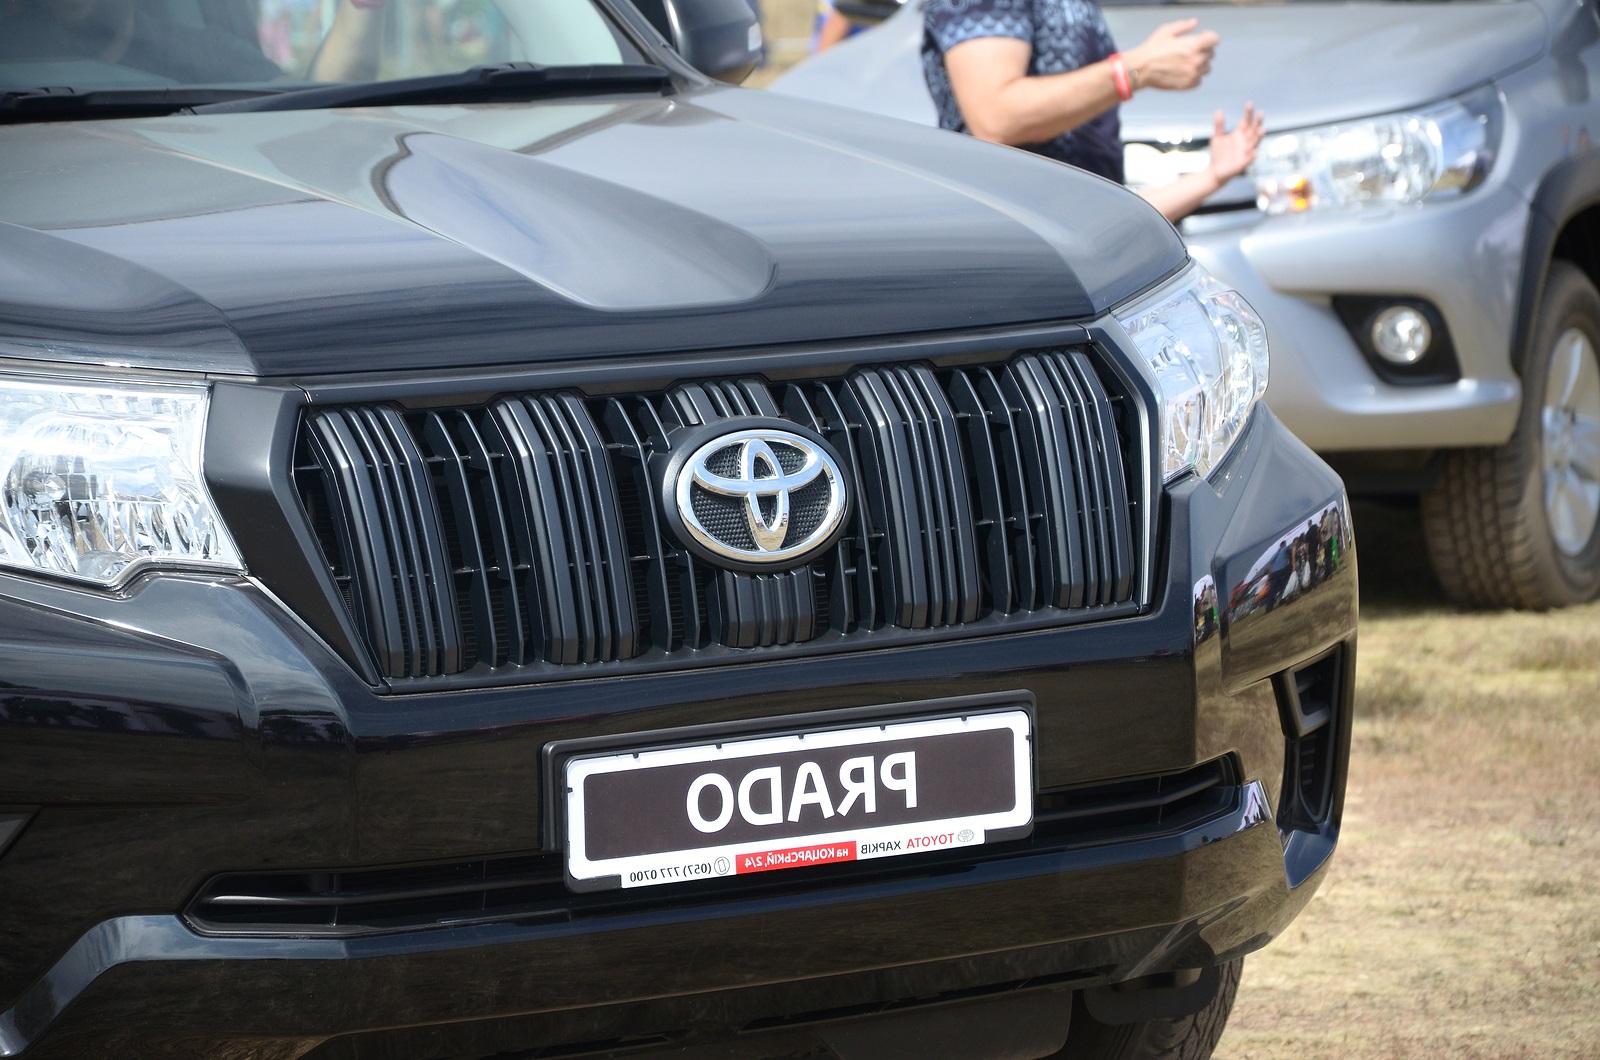 Toyota Realls settlements in Vegas